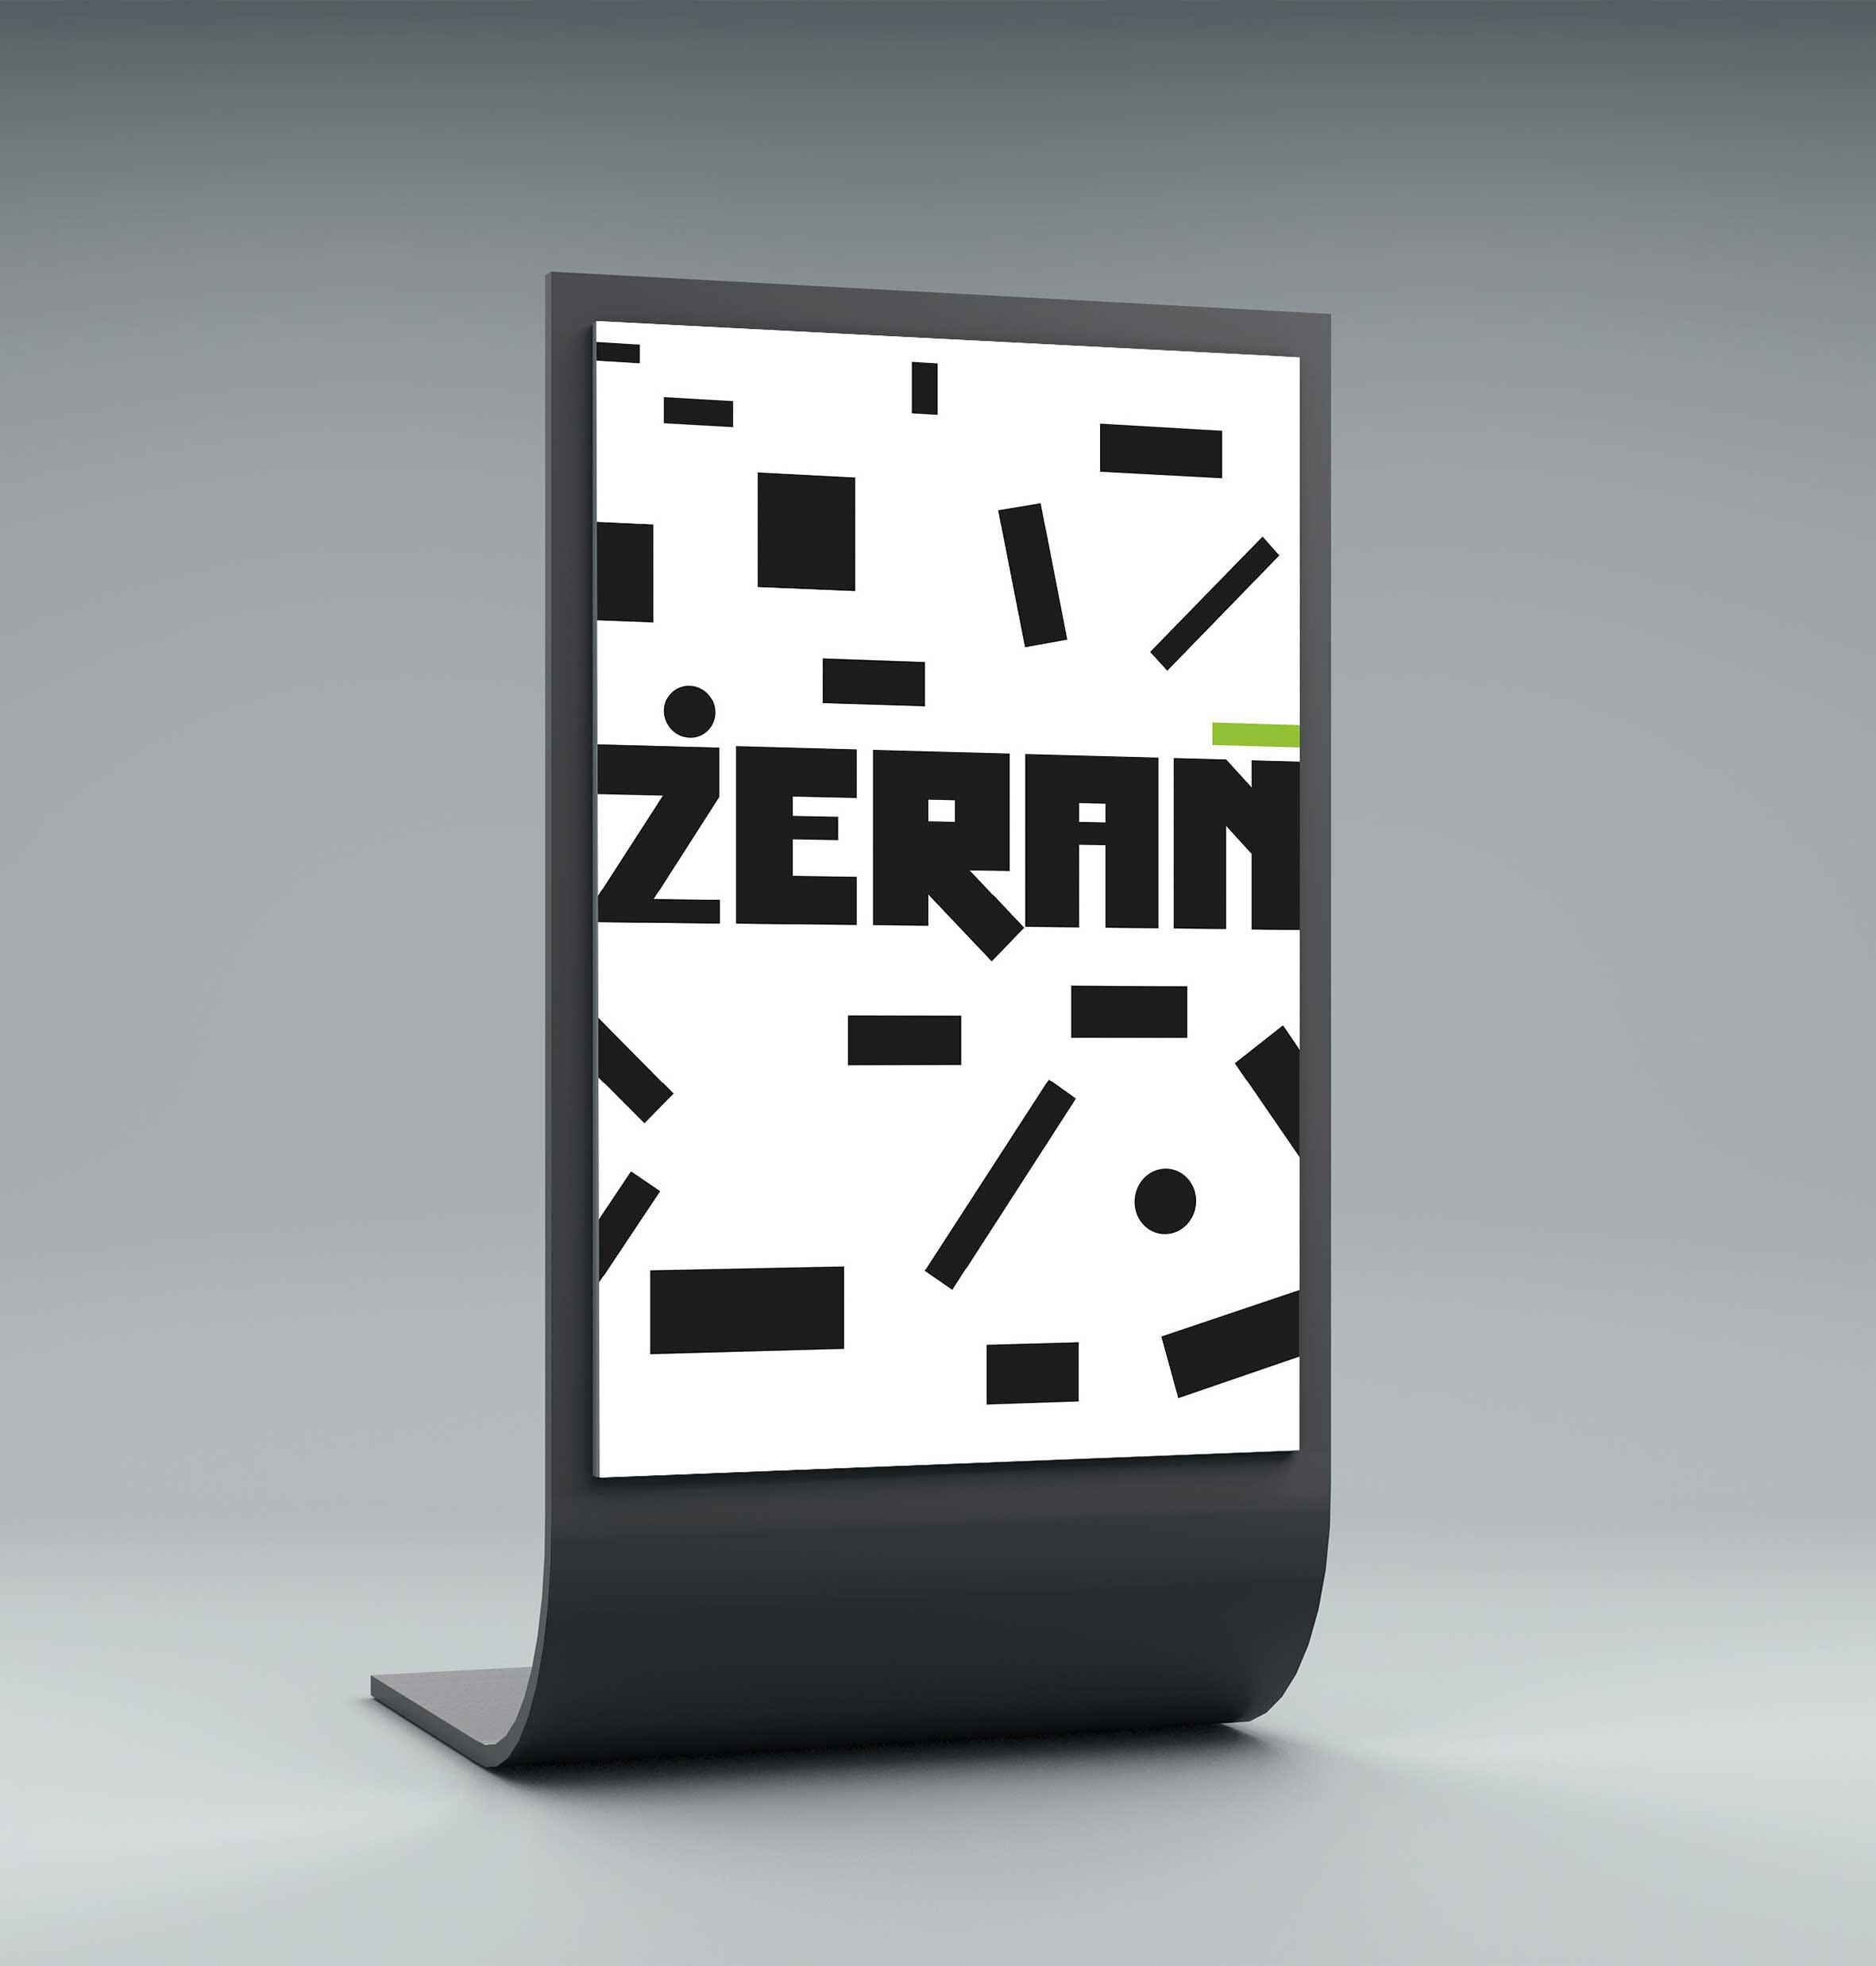 Żerań - identyfikacja wizualna stand